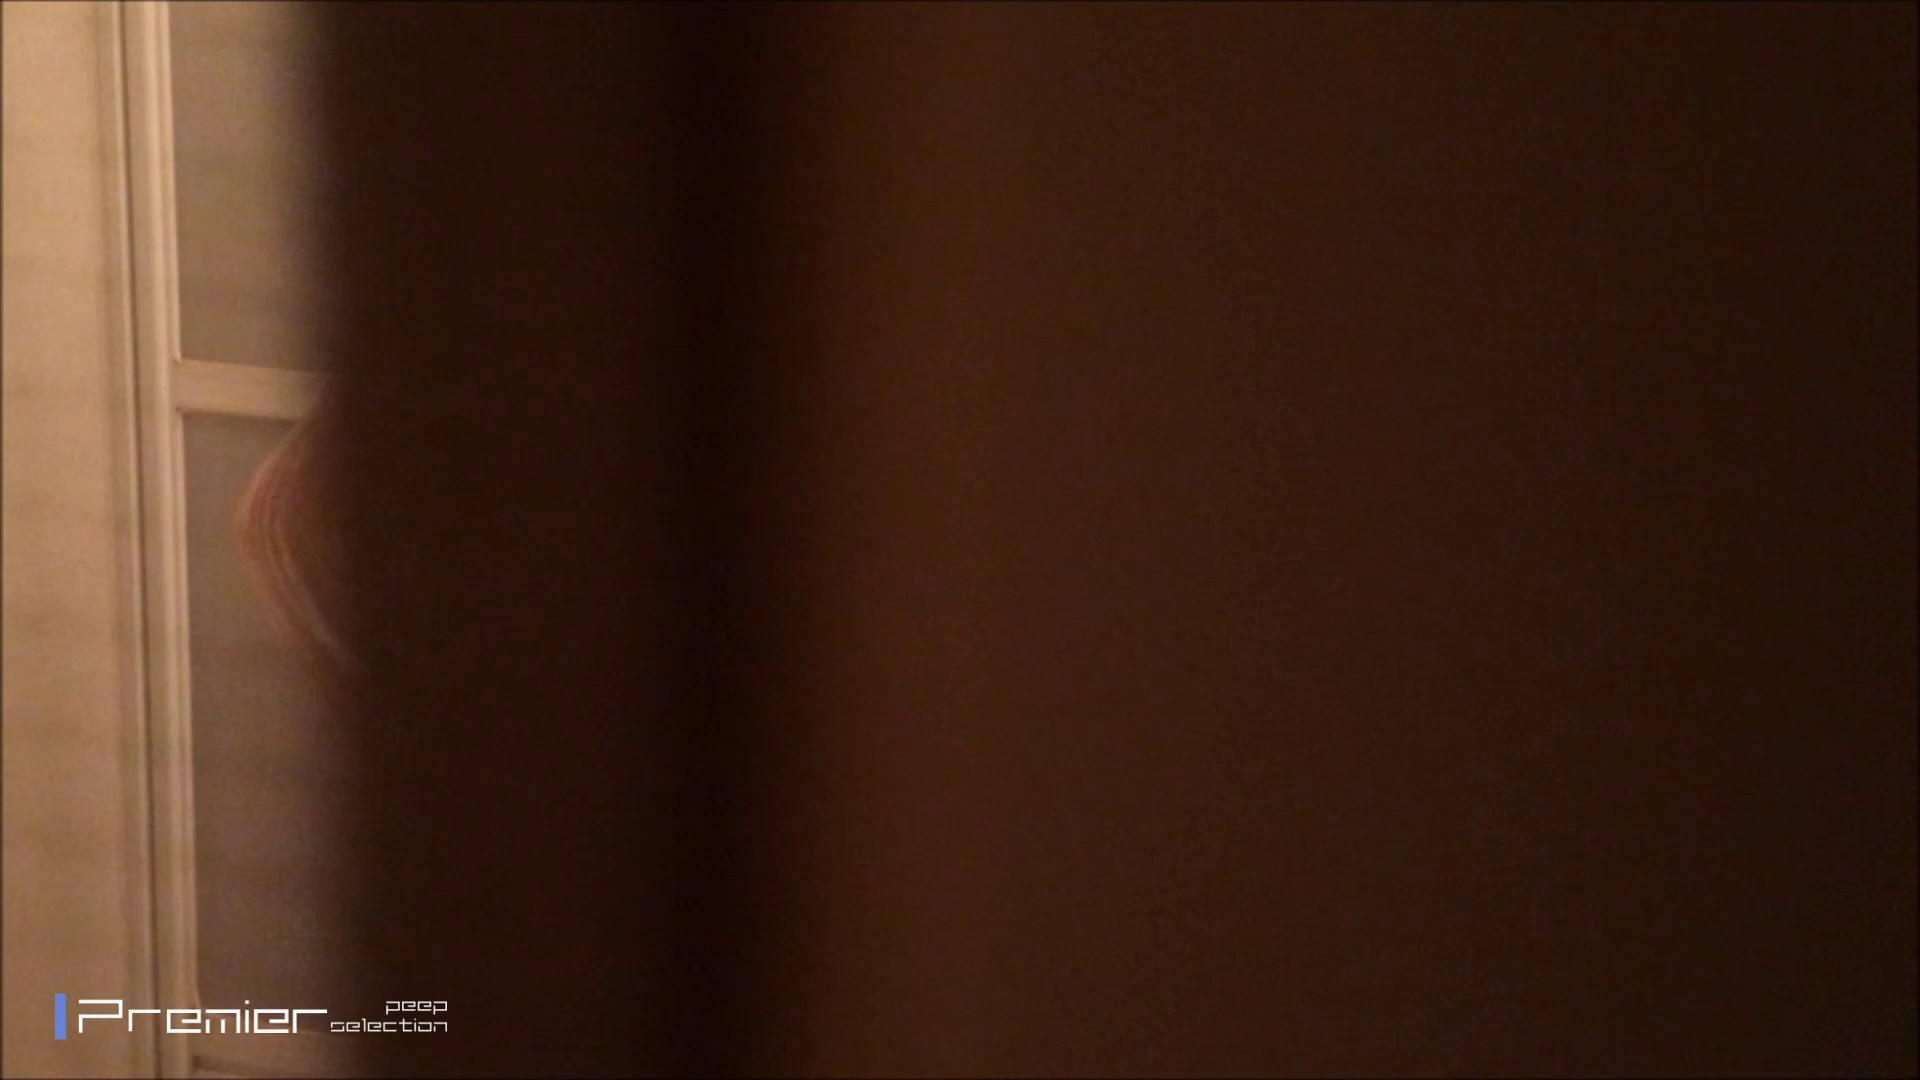 シャワーのお湯を跳ね返すお肌 乙女の風呂場 Vol.03 高評価 オマンコ無修正動画無料 108枚 106